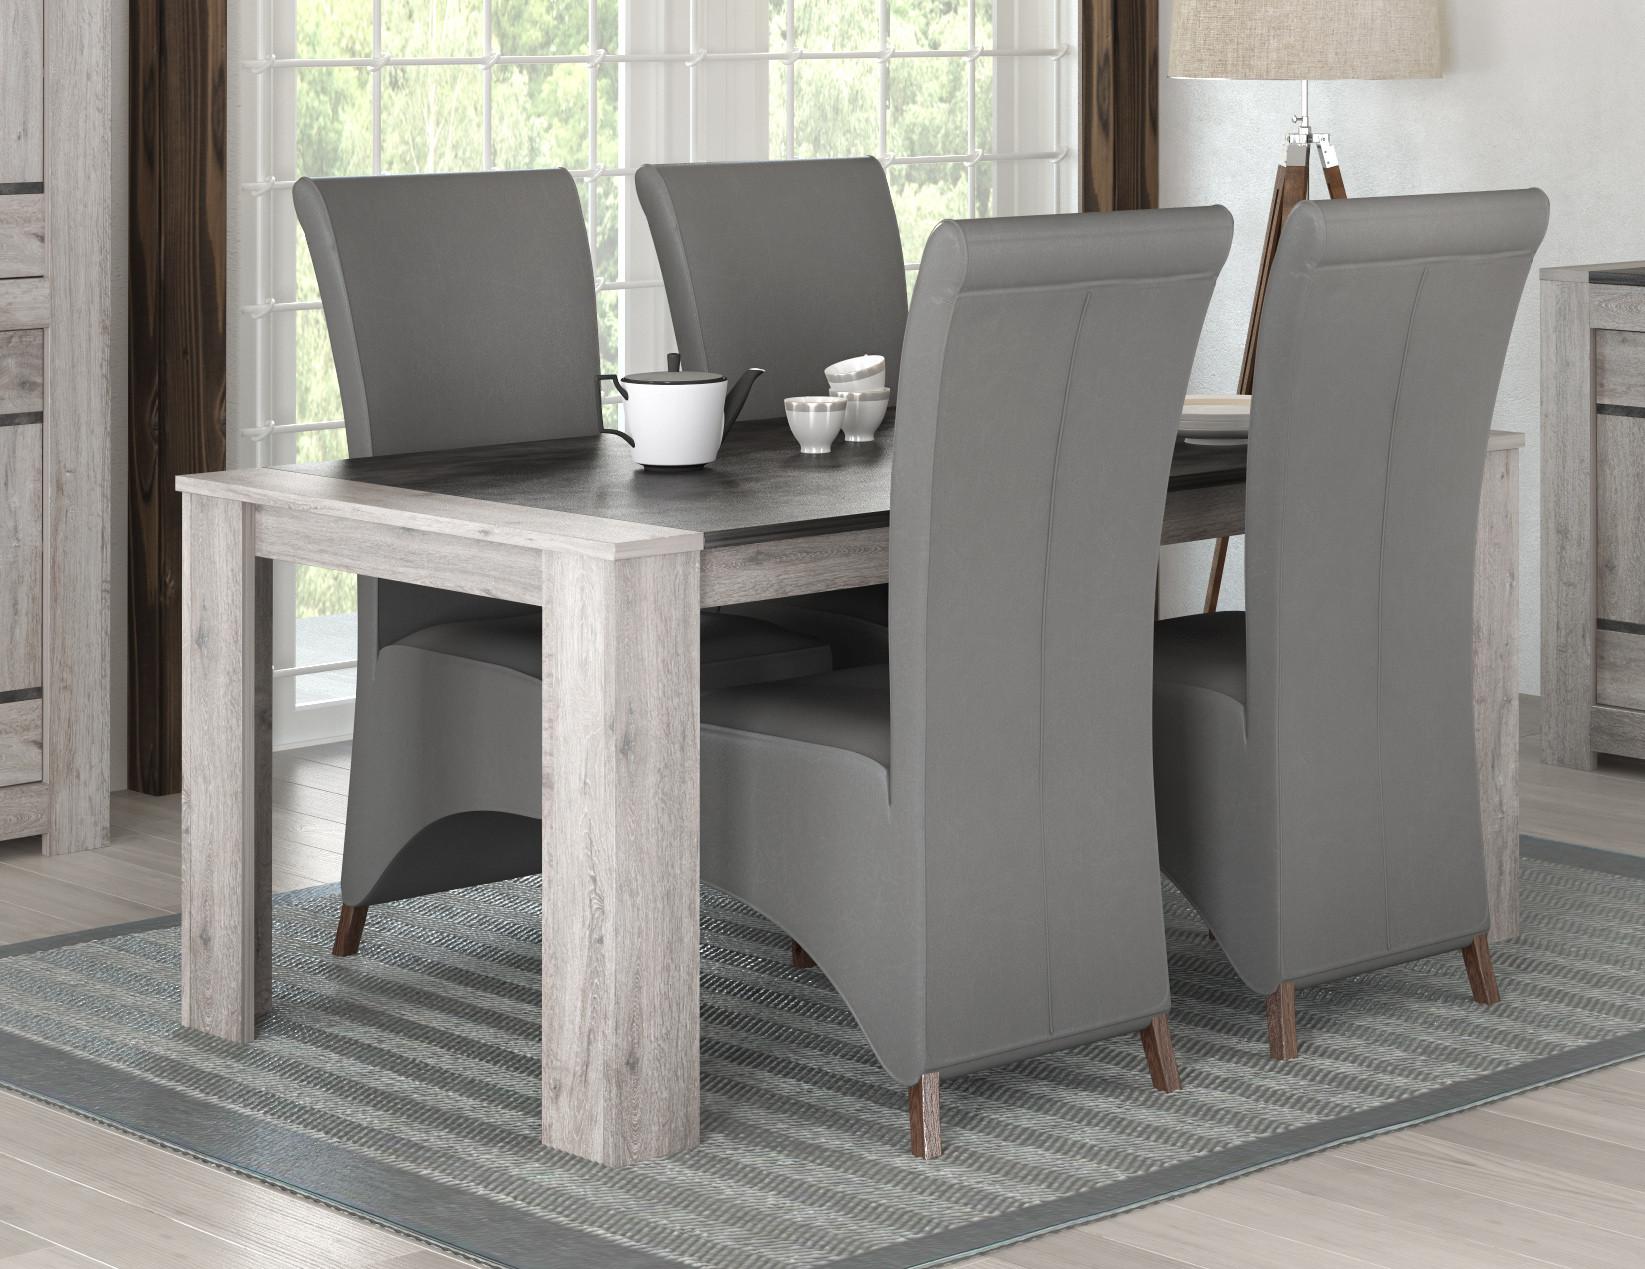 Table de salle à manger contemporaine chêne gris Talisman